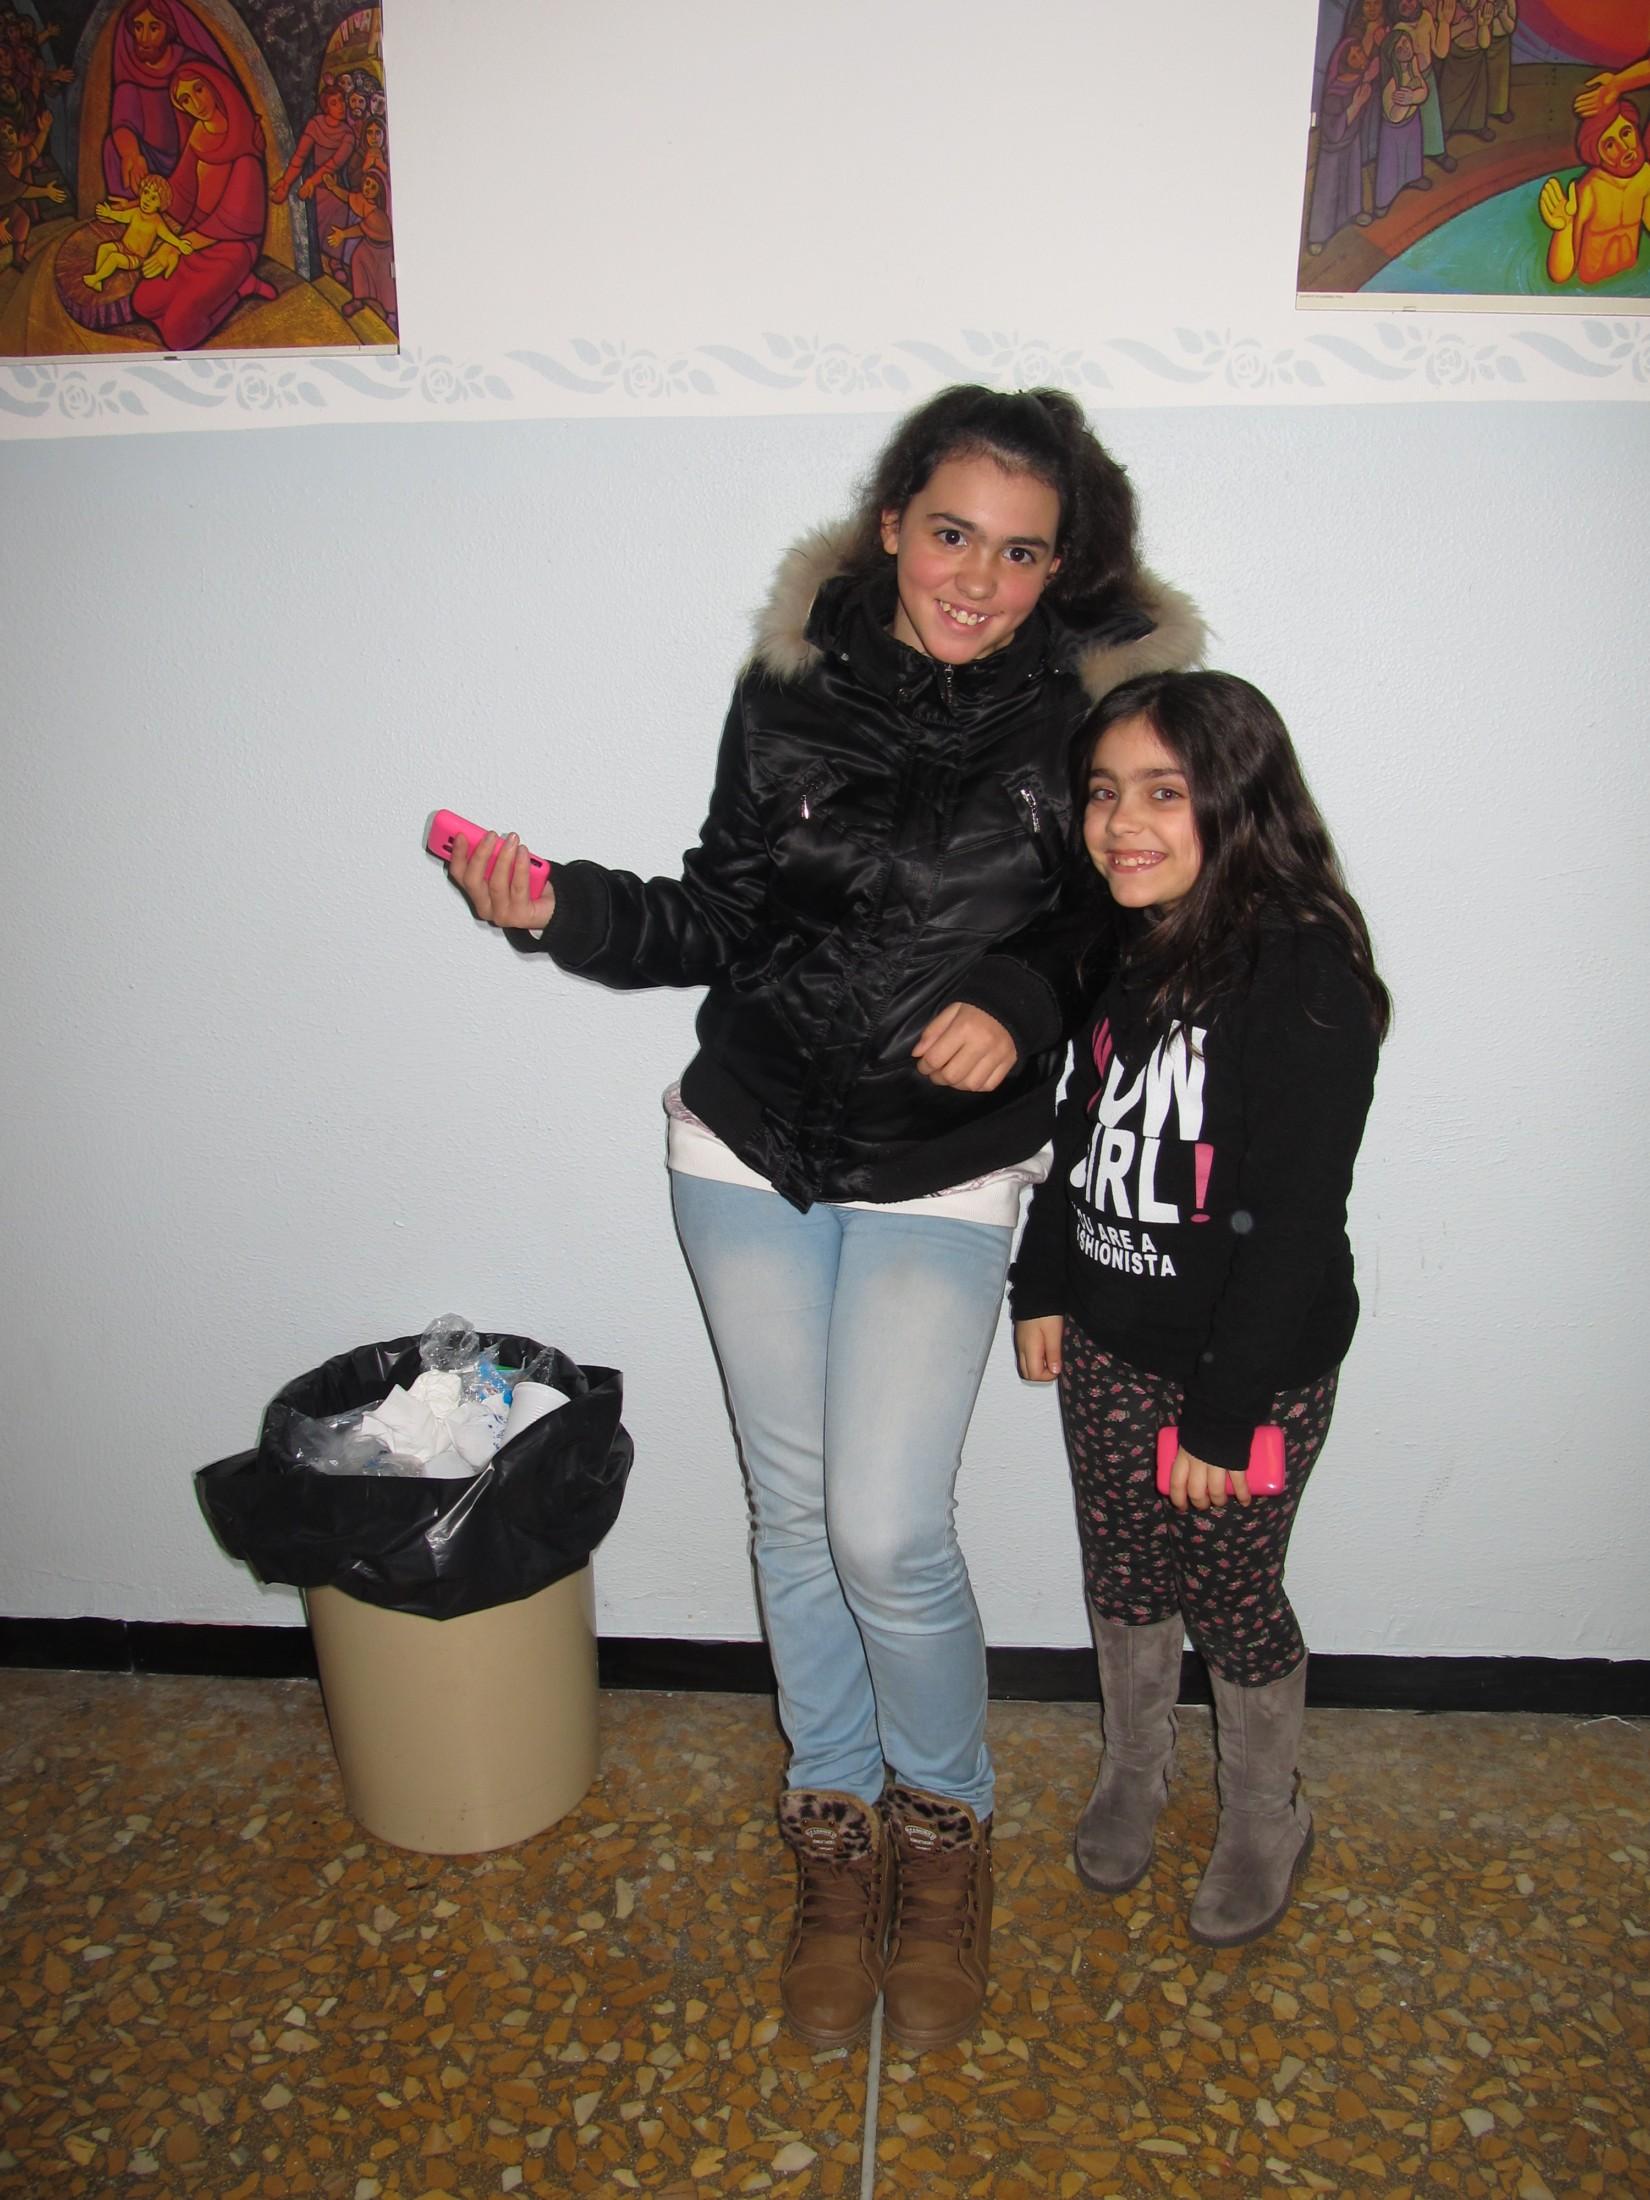 festa_battesimo_gesu_2014-01-26-16-56-20